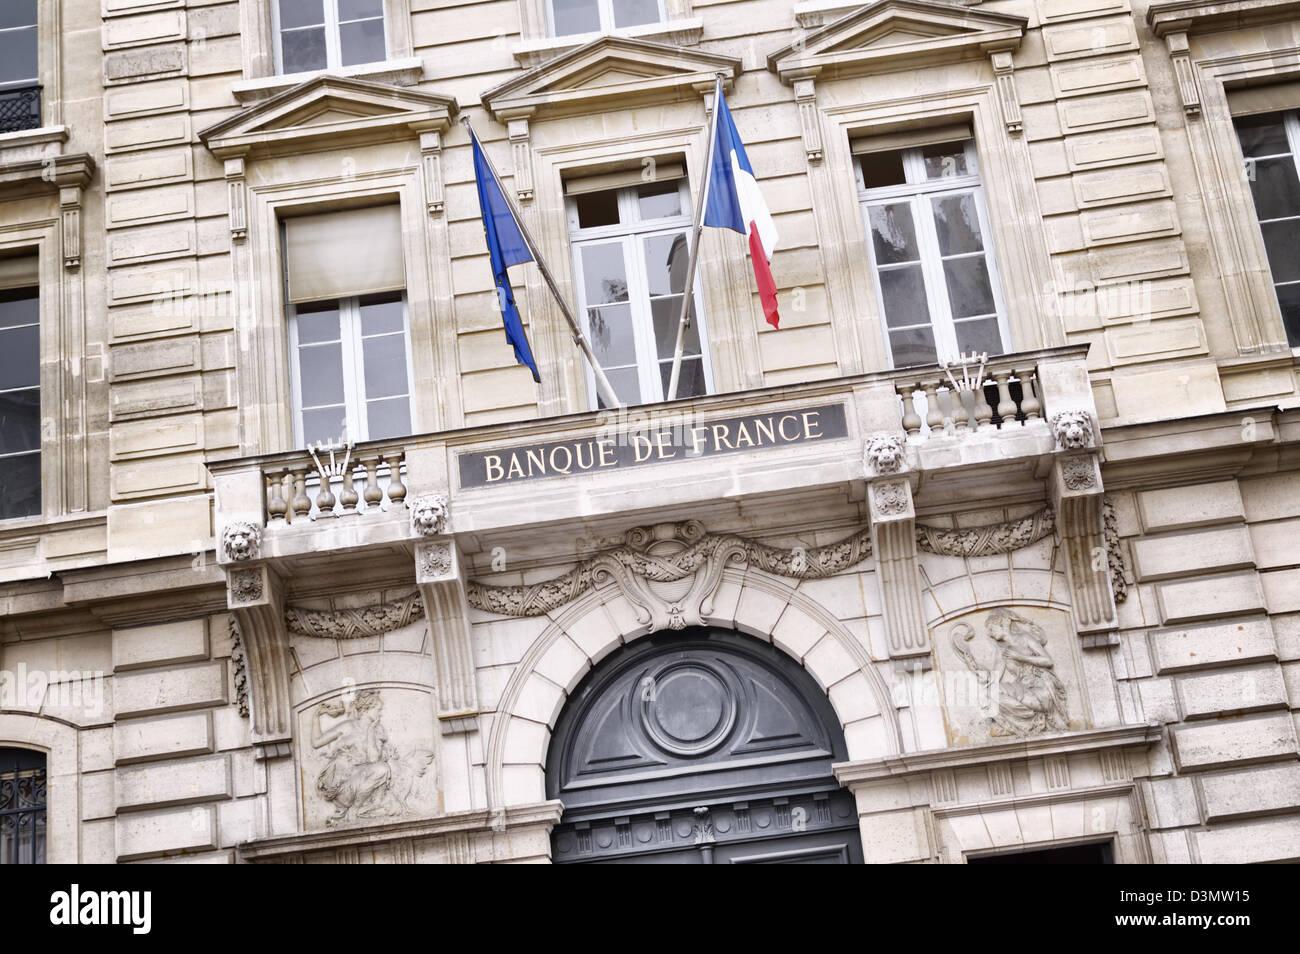 Banque de France on the Rue Croix des Petits-Champs - Stock Image